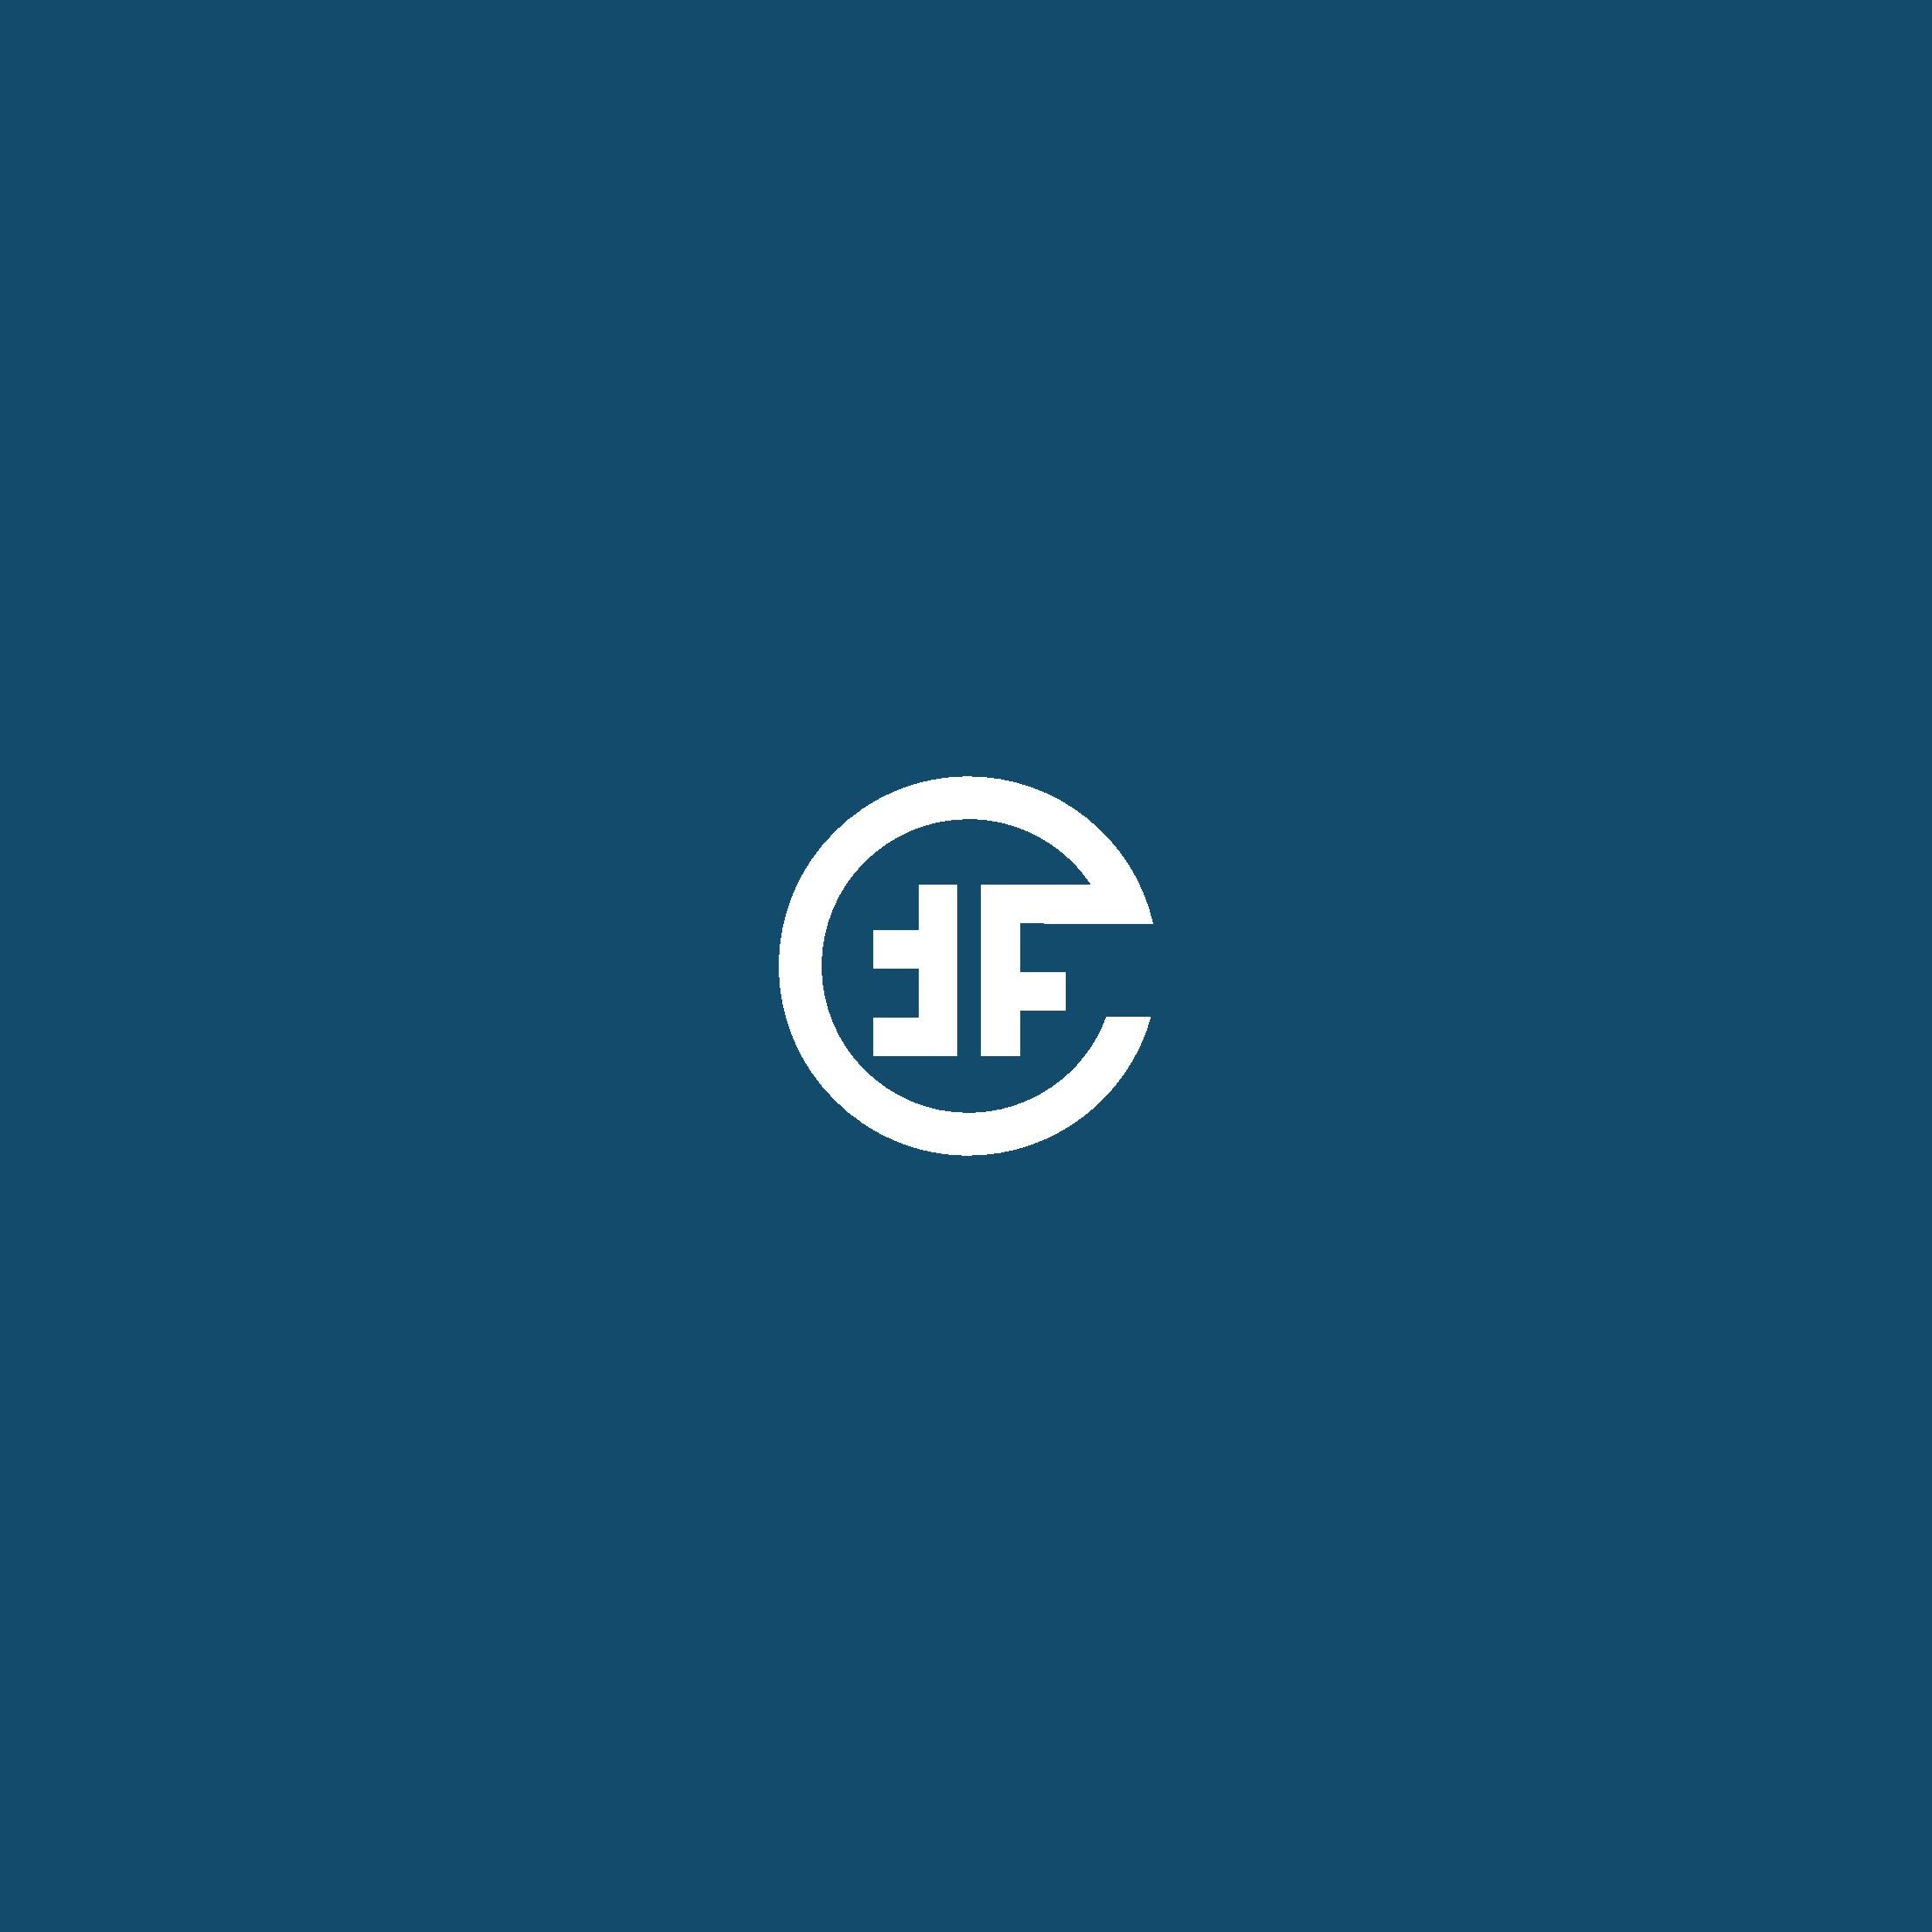 Разработка логотипа финансовой компании фото f_8095a8af38141186.jpg